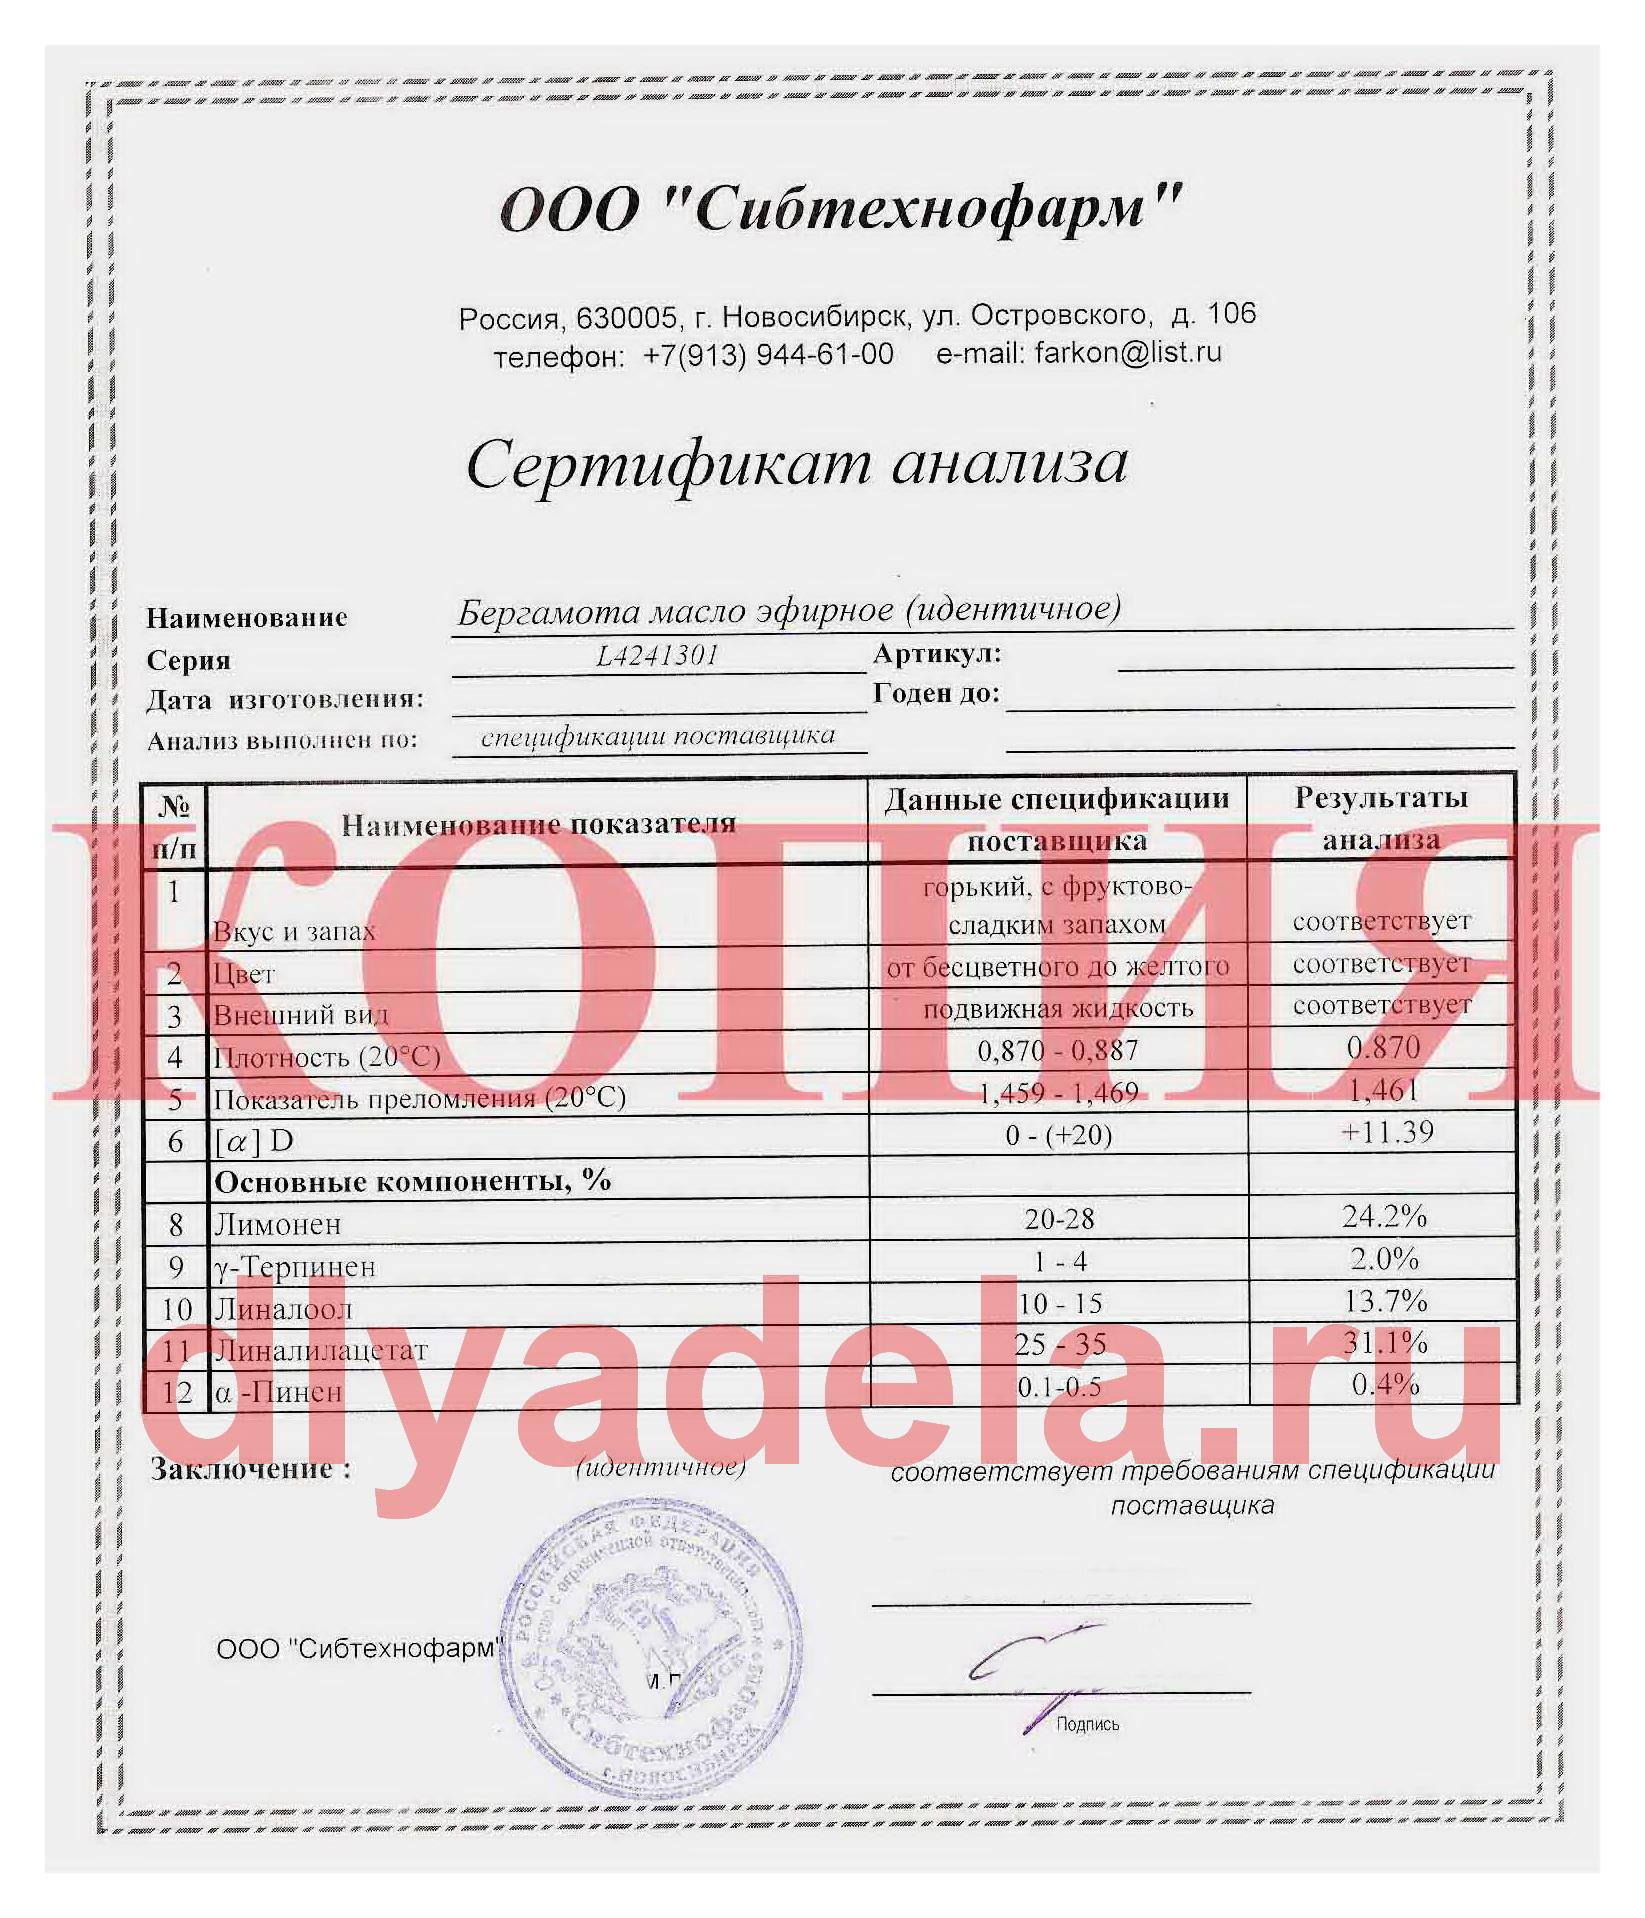 Сертификат анализа эфирного масла бергамота